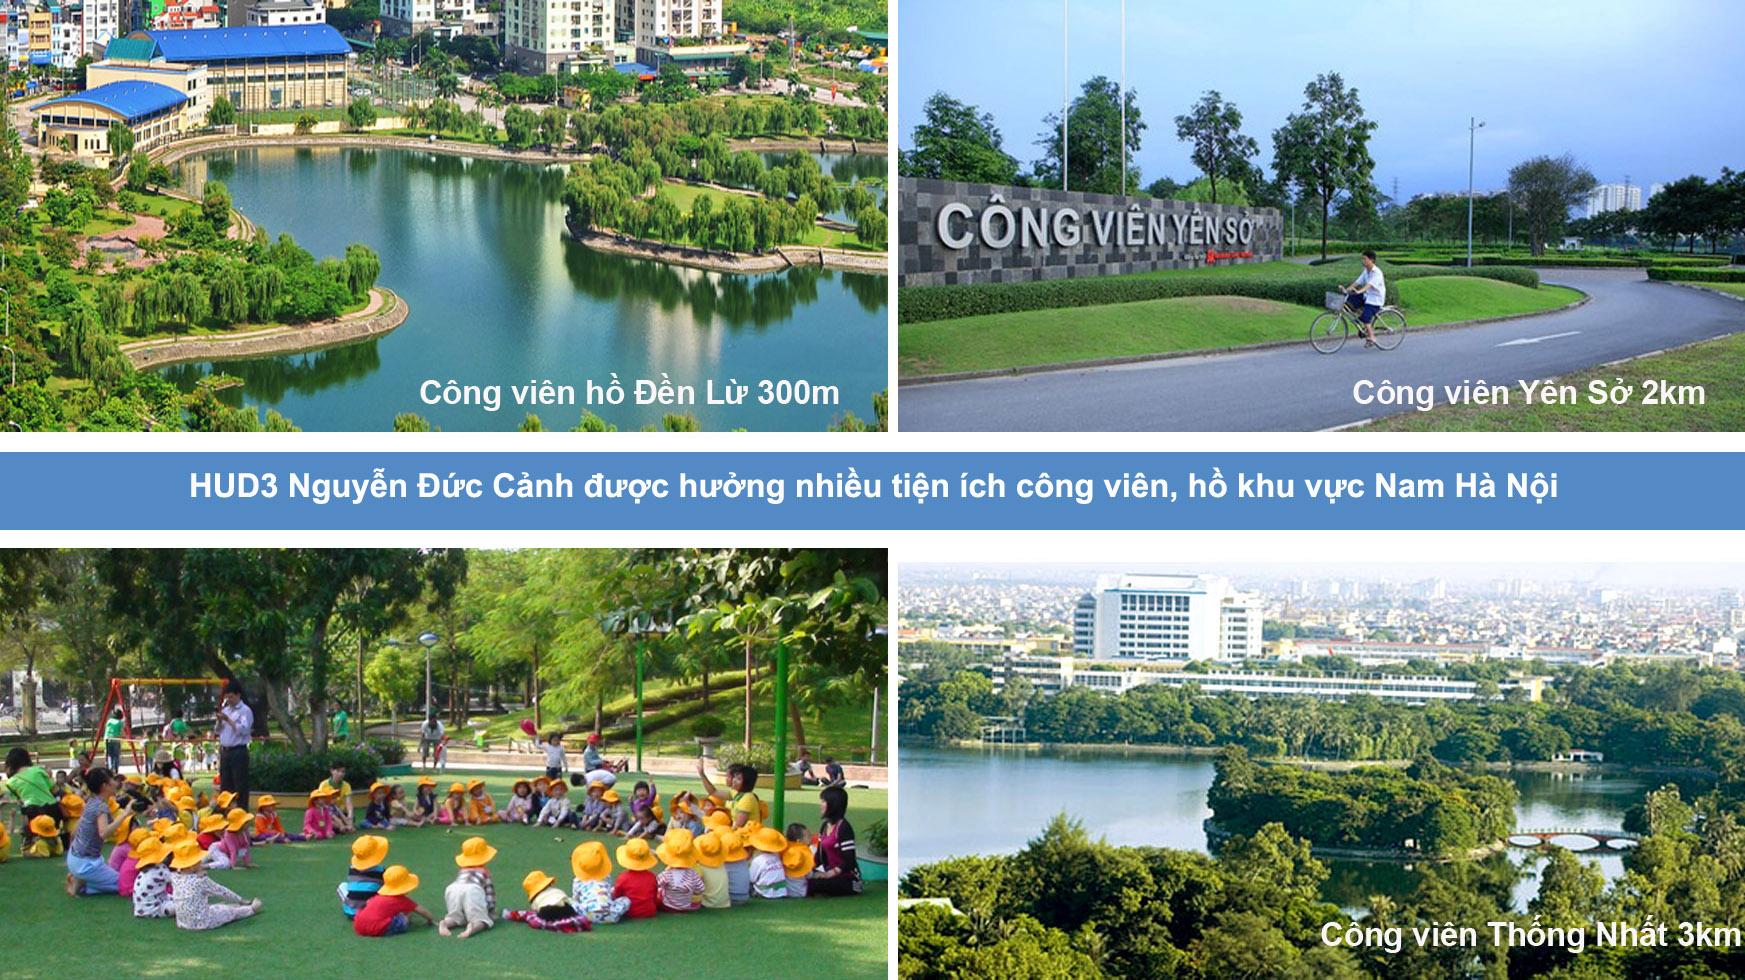 Tiện ích cây xanh HUD3 Nguyễn Đức Cảnh